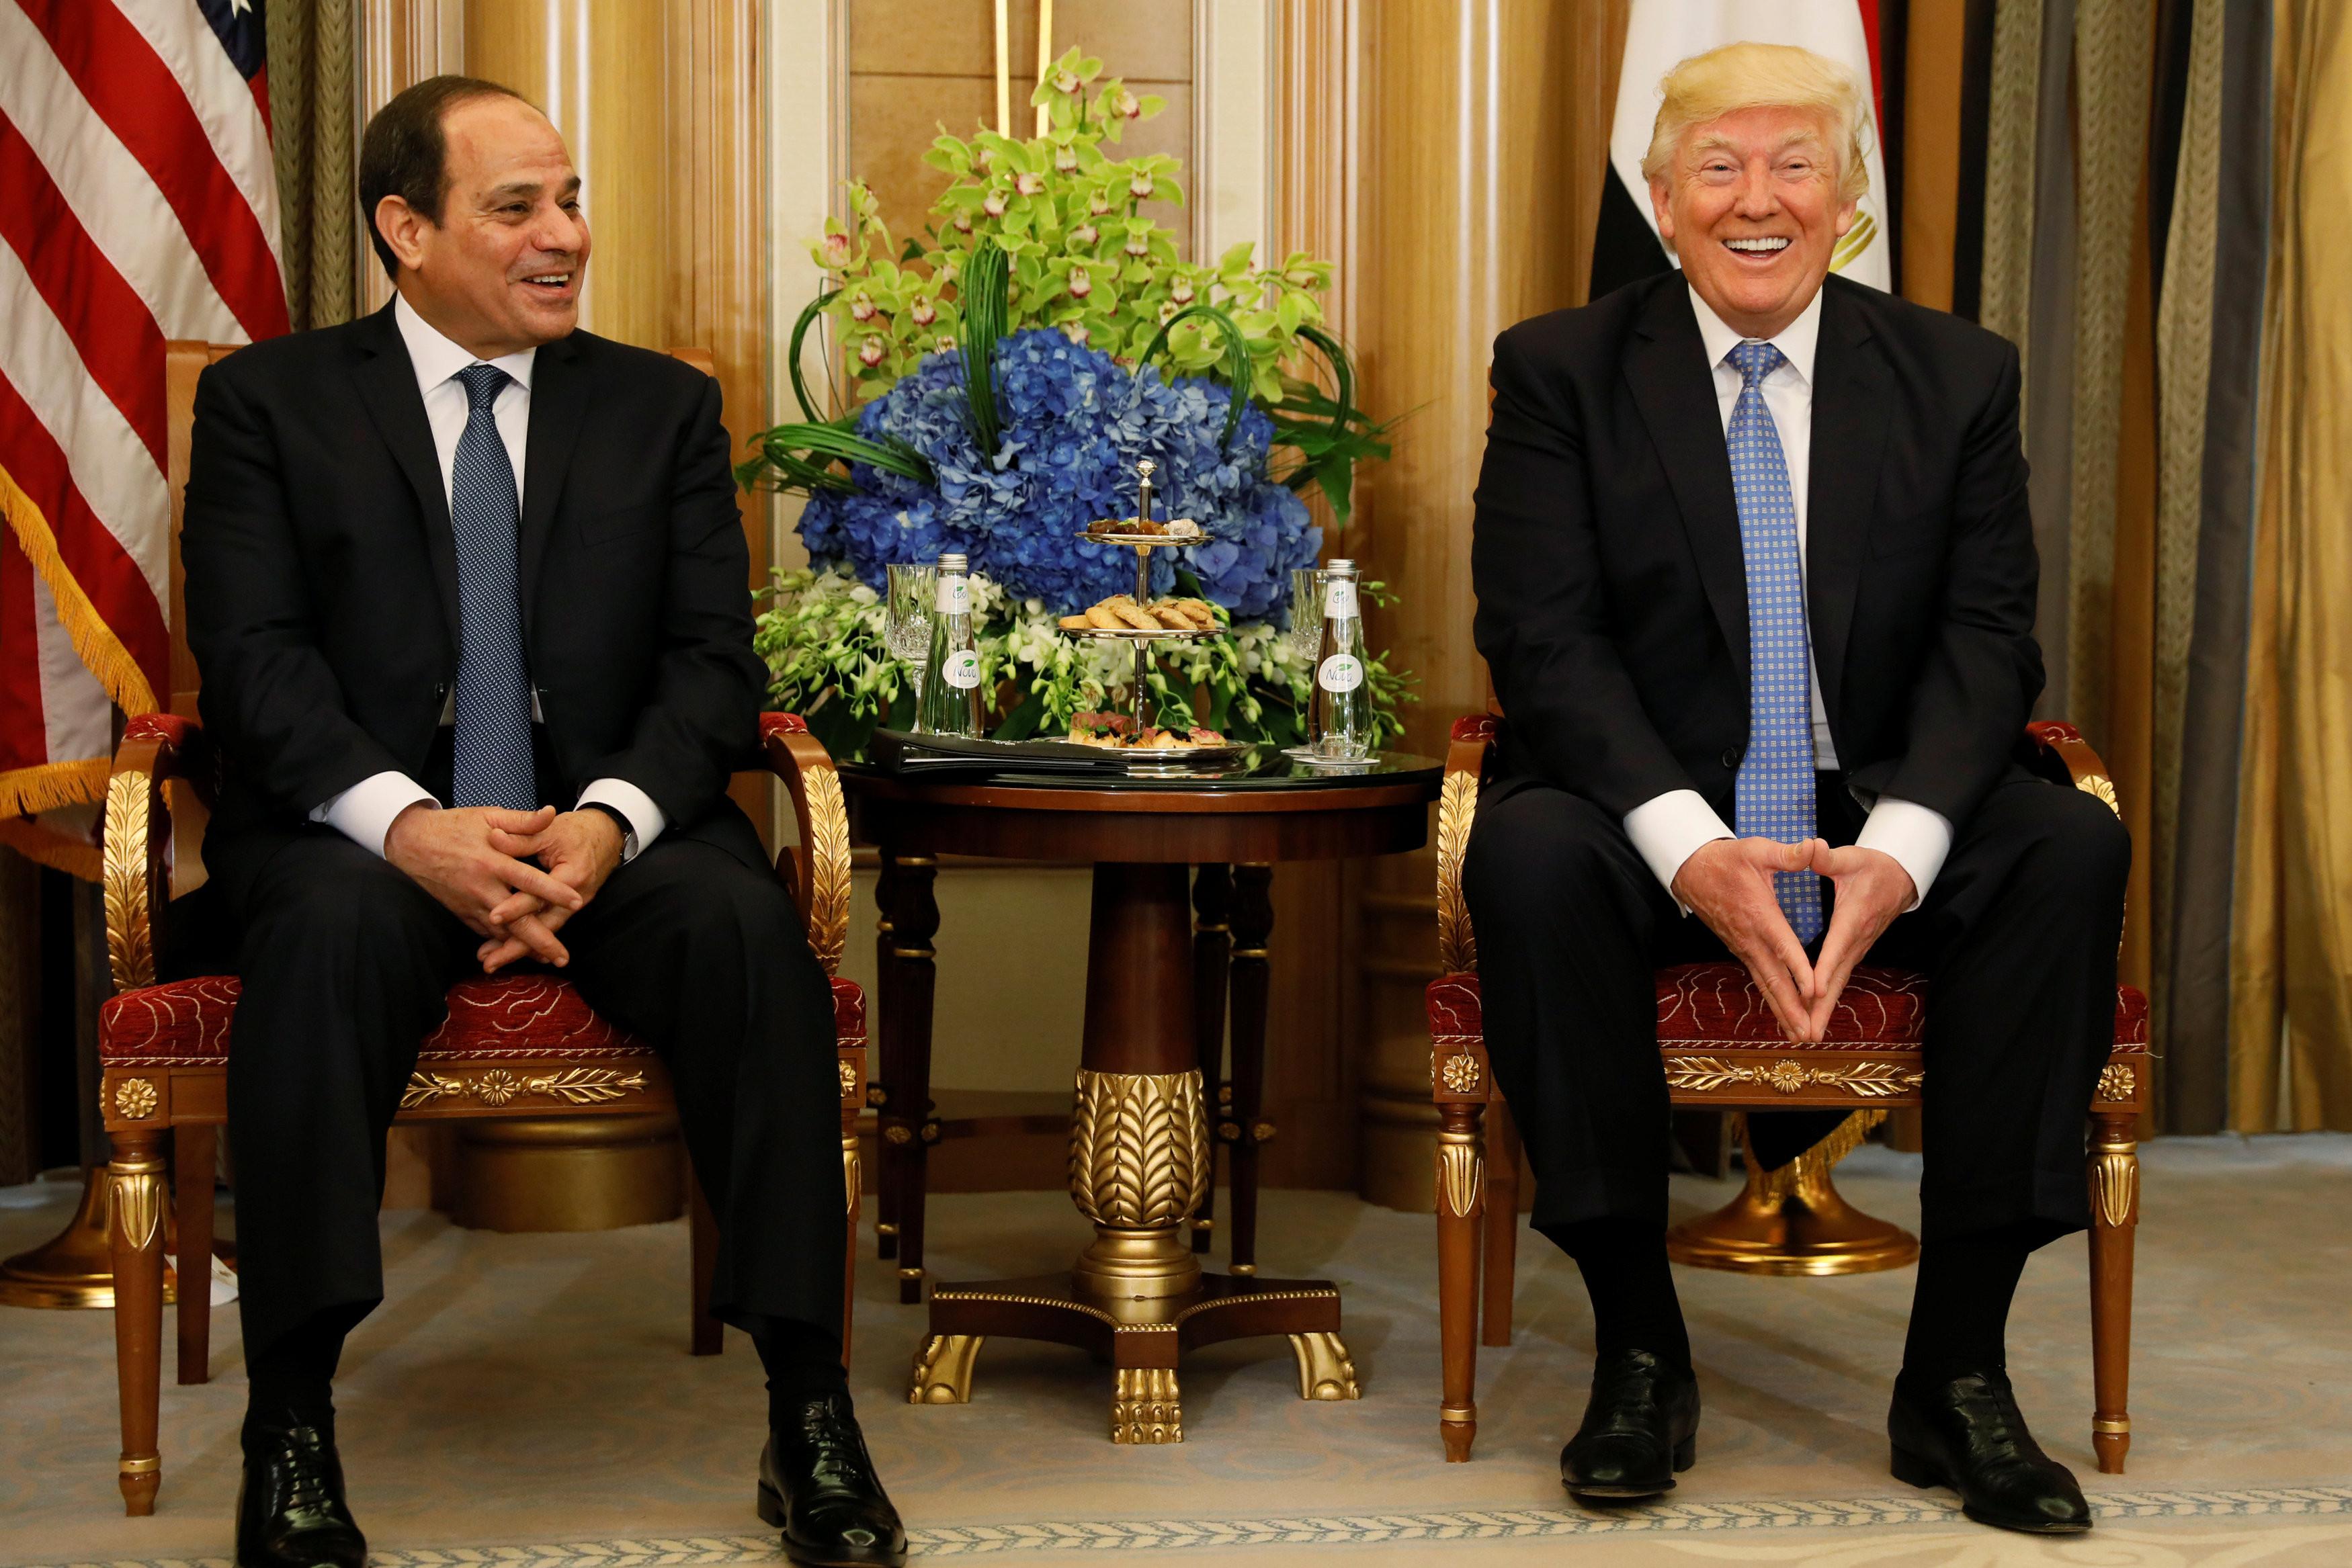 <p><span>Президент США Дональд Трамп и президент Египта&nbsp;Абдул-Фаттах Халил Ас-Сиси на встрече в Саудовской Аравии. Фото: &copy;REUTERS/Jonathan Ernst</span></p>